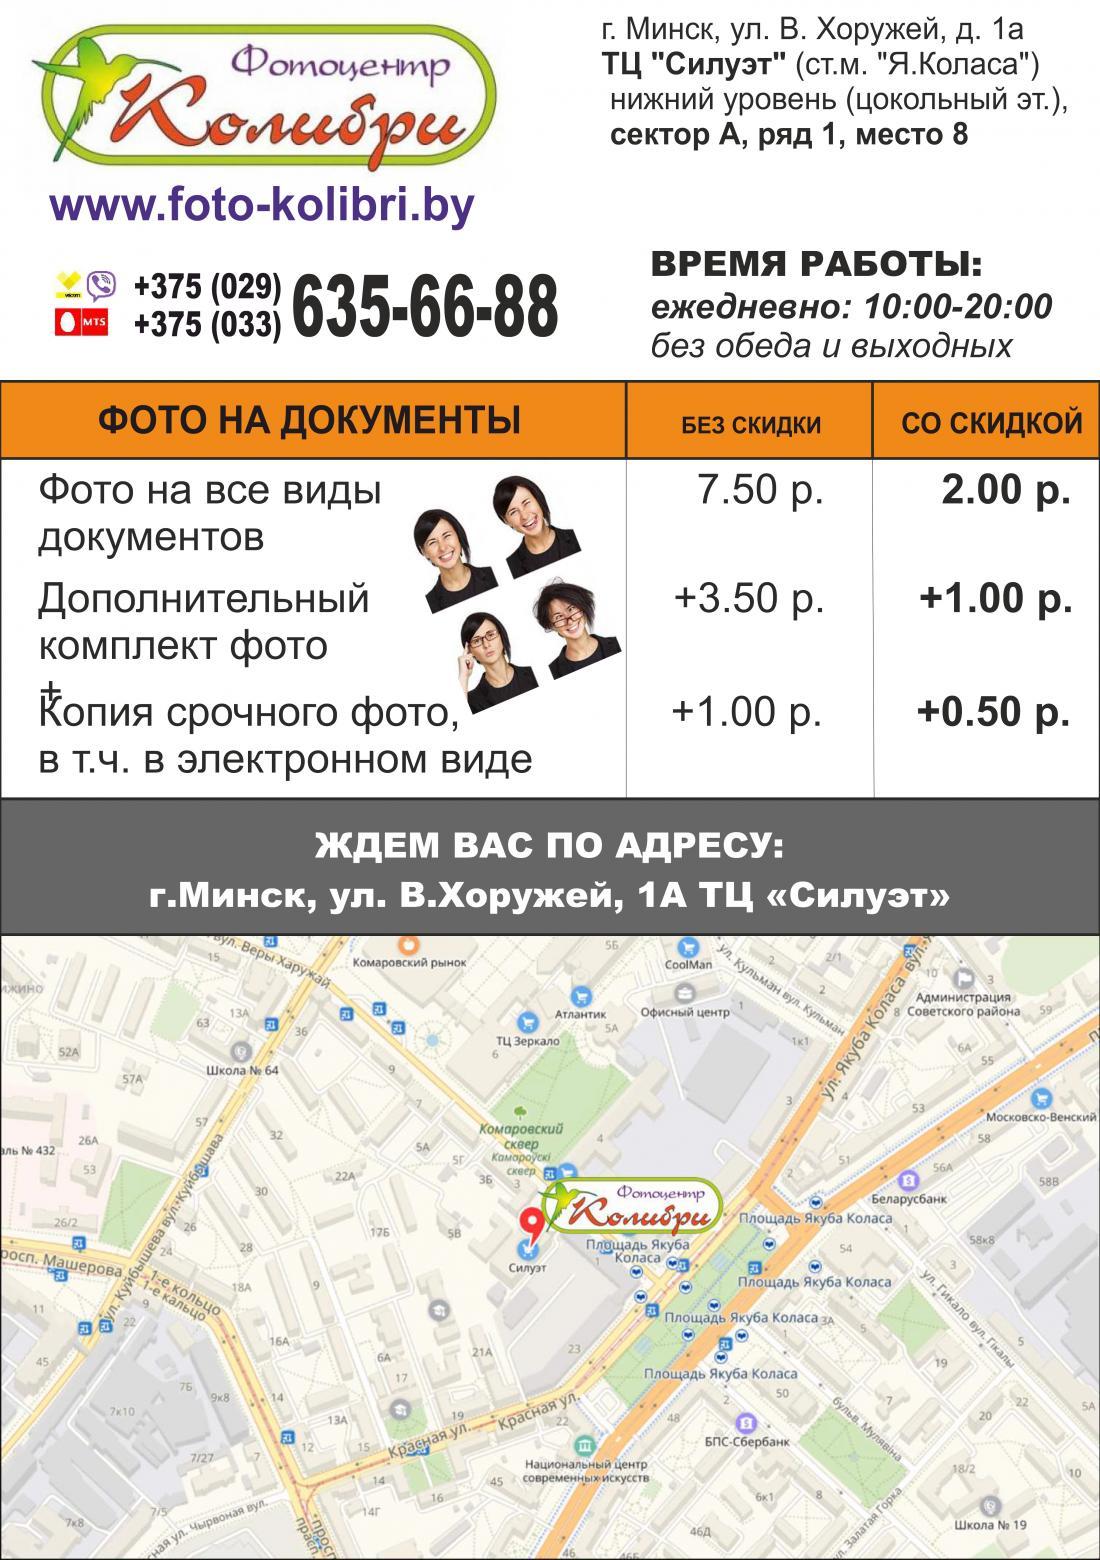 Срочное фото на документы всего за 2 руб. в центре Минска!